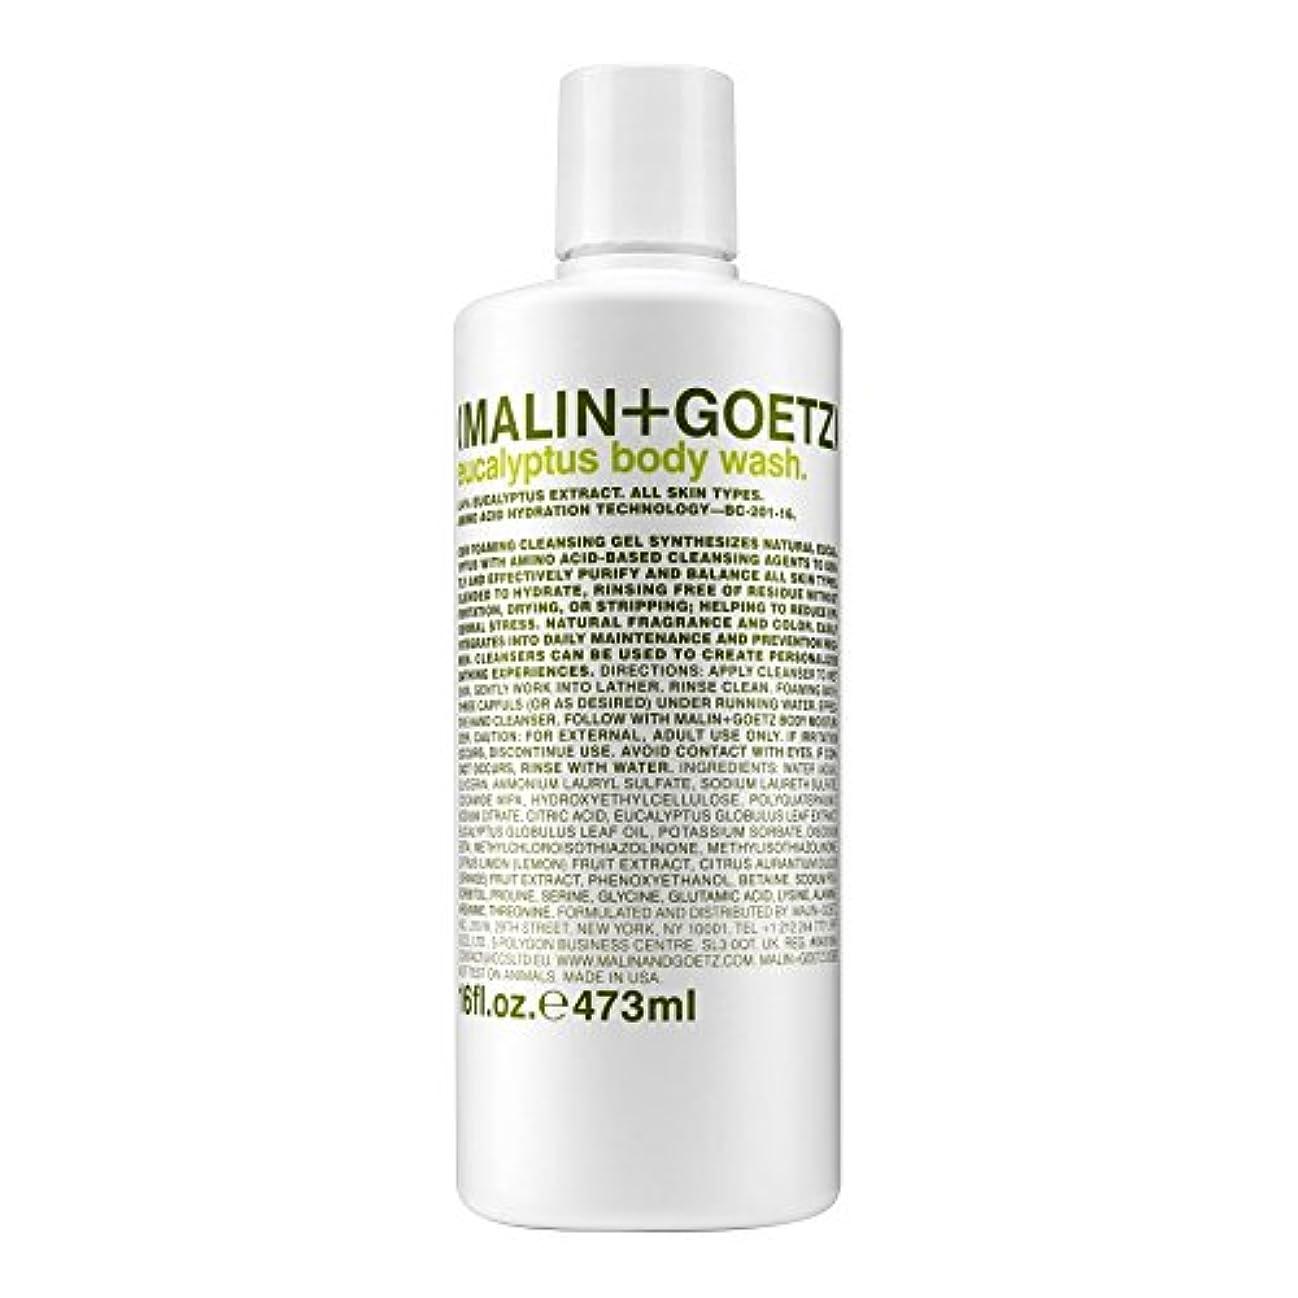 大理石活気づくしてはいけません(MALIN+GOETZ) Eucalyptus Shower Gel 473ml - (マリン+ゲッツ)ユーカリシャワージェル473ミリリットル [並行輸入品]